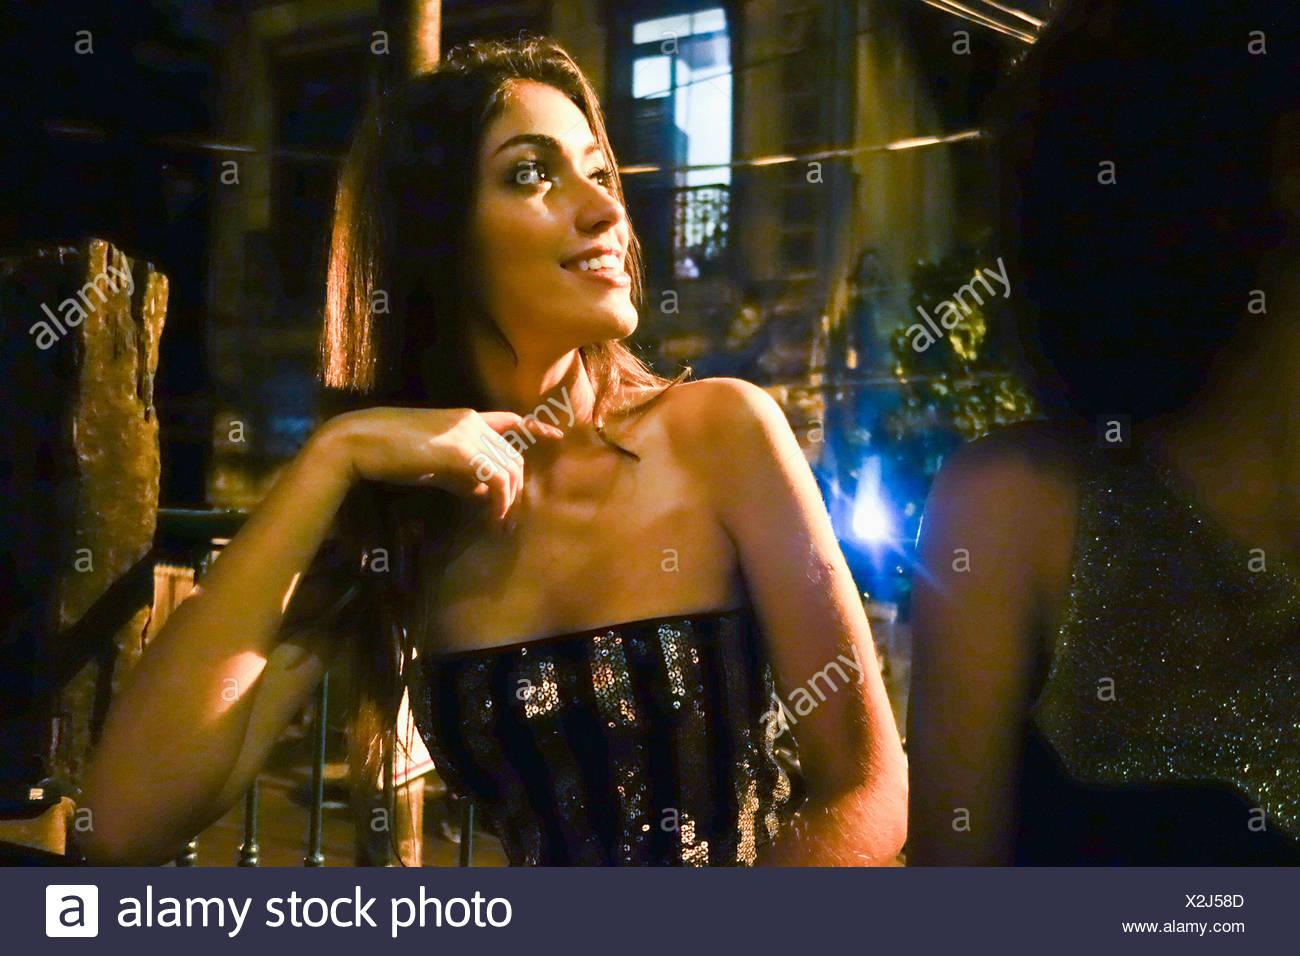 Dos mujeres jóvenes sentados en el bar, mirando lejos Imagen De Stock